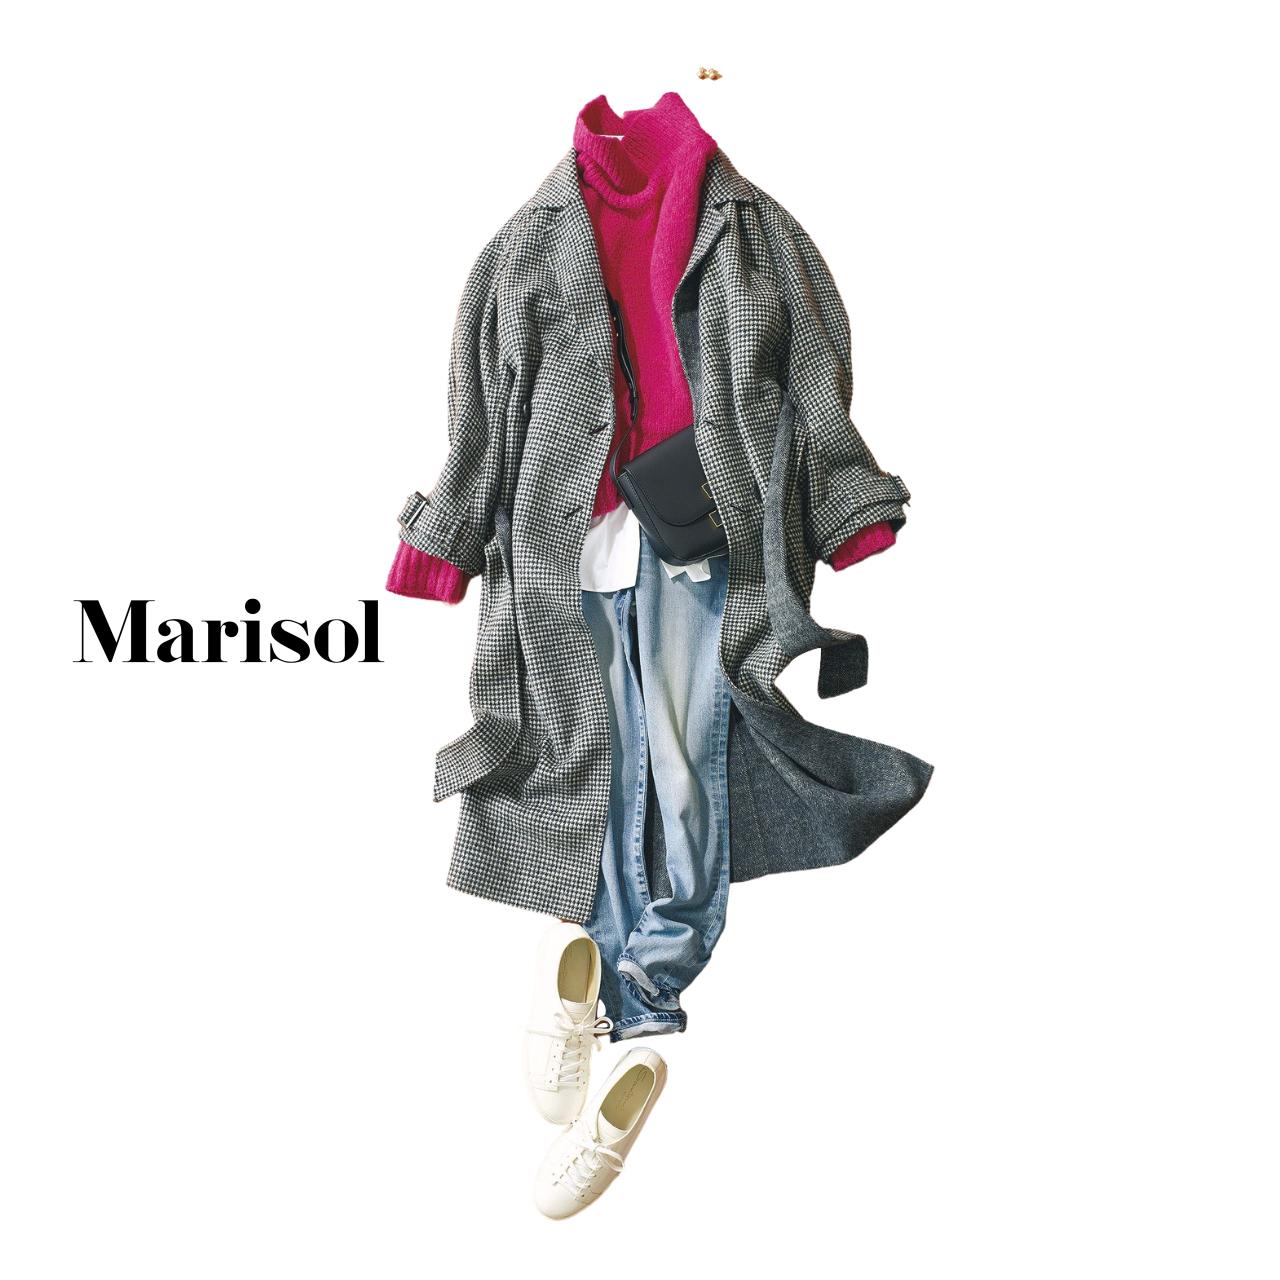 40代ファッション ニット×デニム×チェック柄コート×スニーカーコーデ